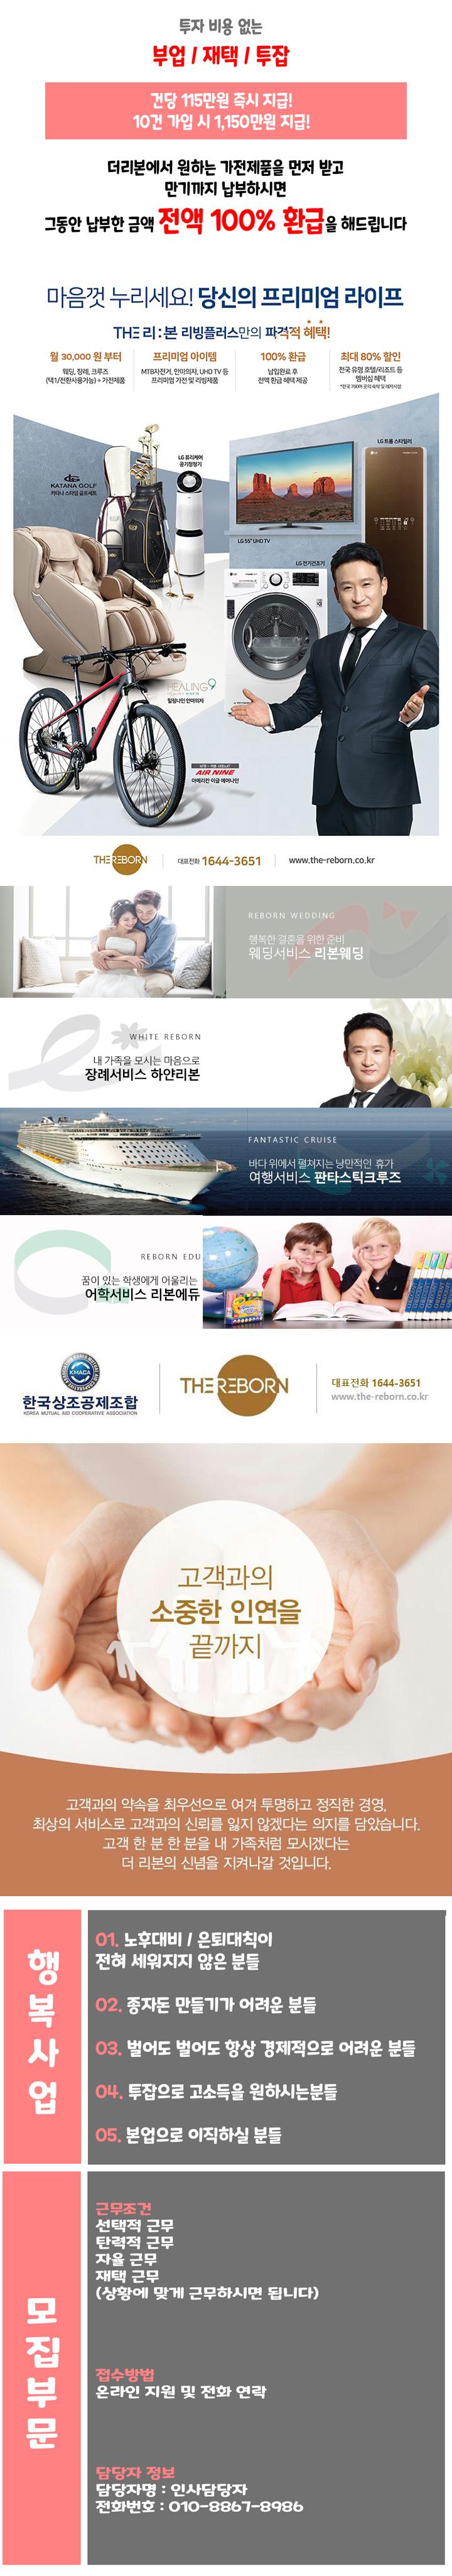 더리본㈜ 월 1000도전/ 단기,투잡,알바 가능